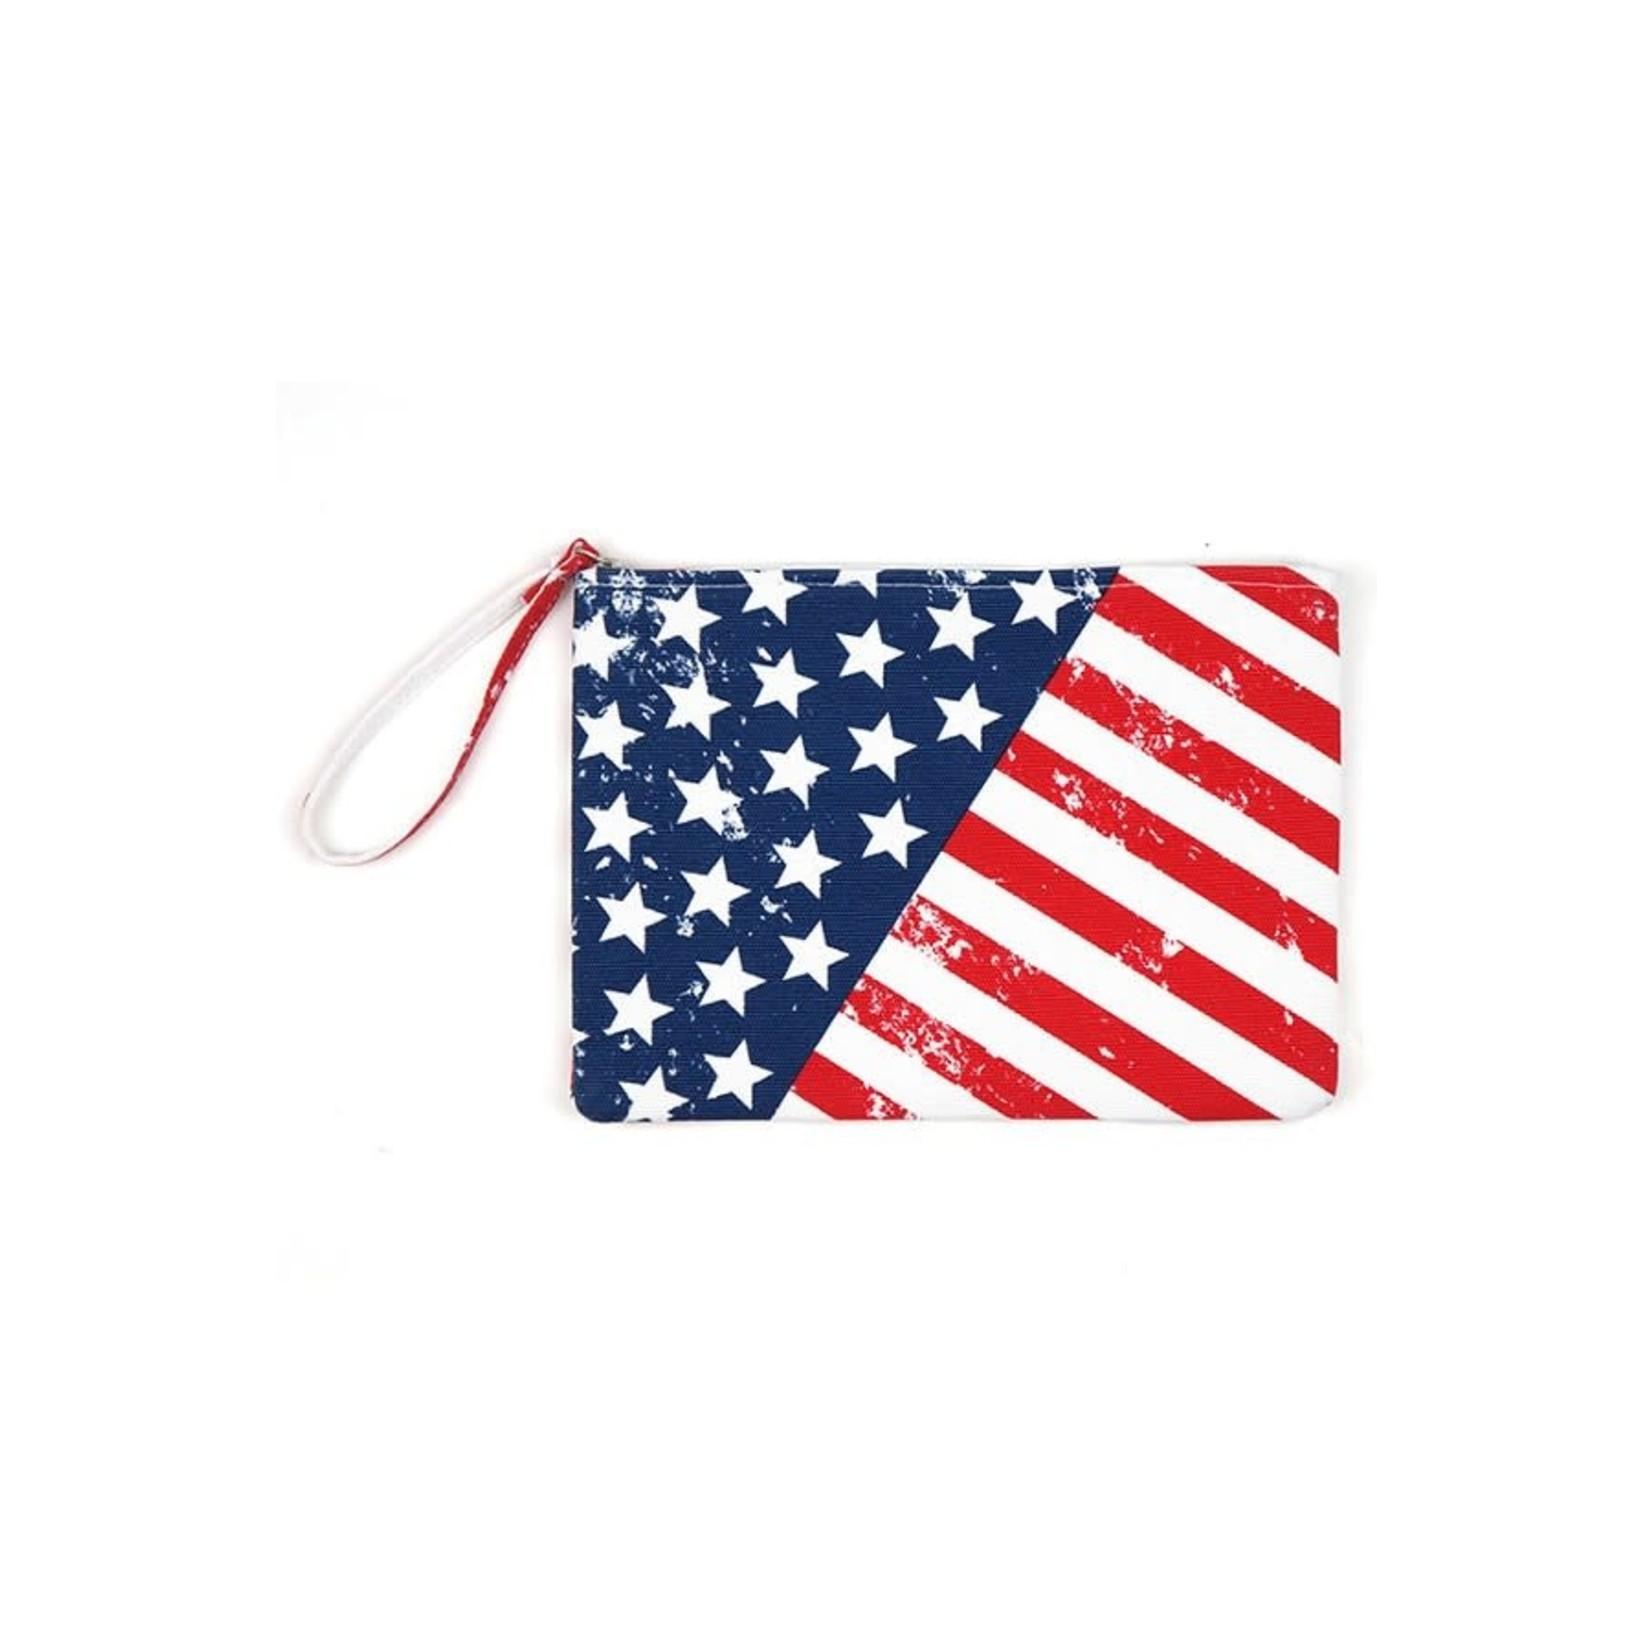 Hanna Hoisery Bag: Americana Zip Pouch